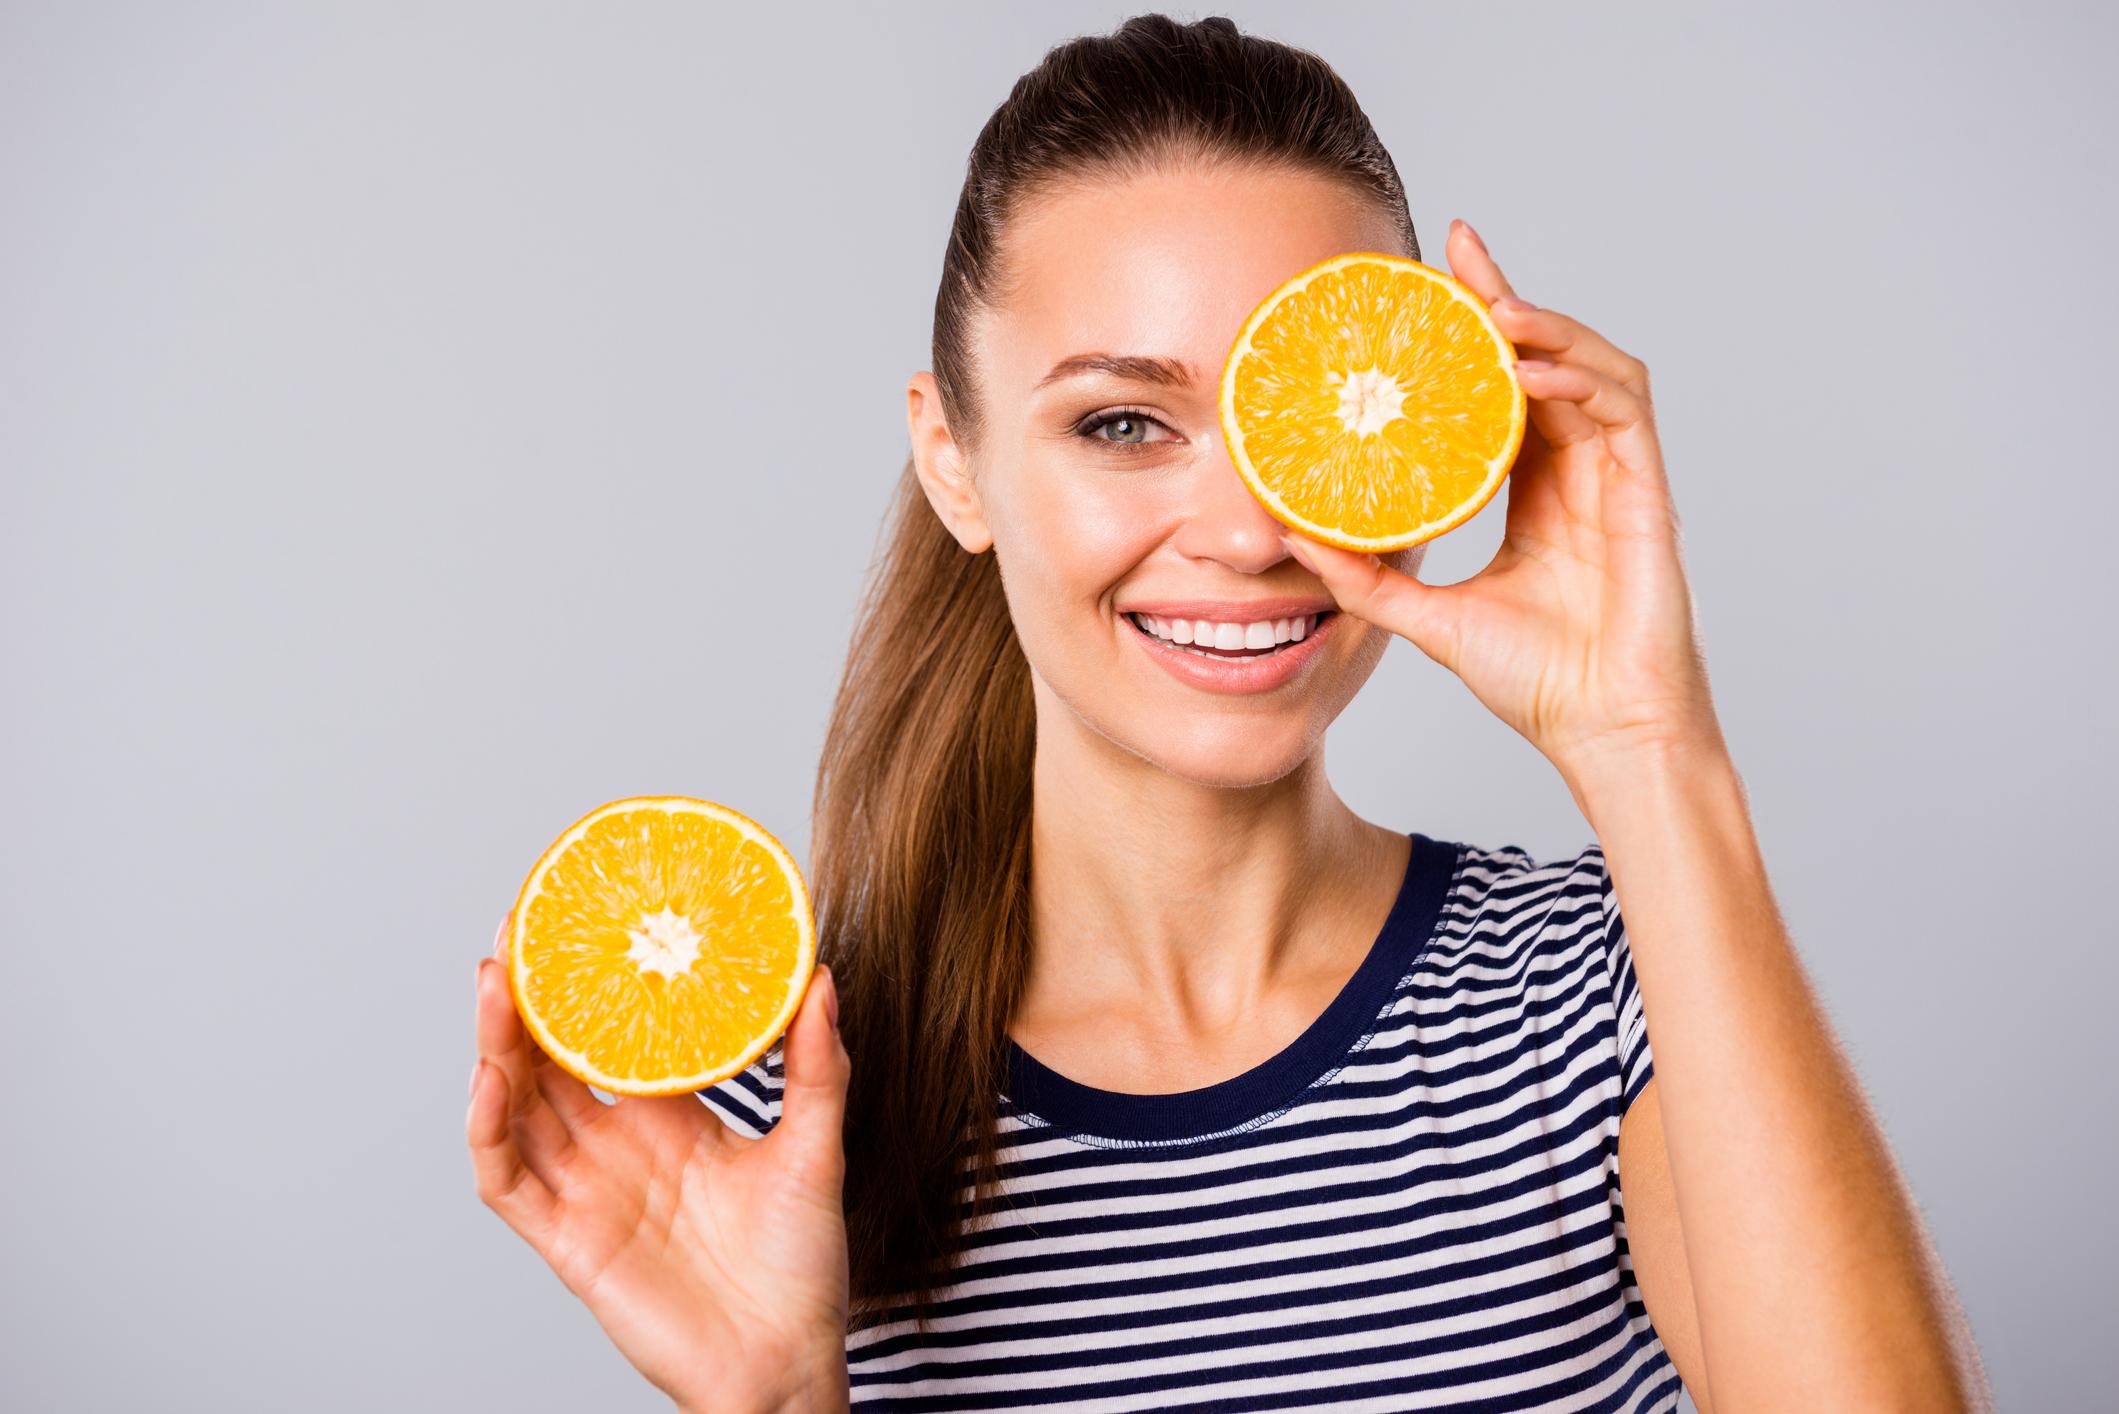 Πορτοκάλι στην εγκυμοσίνη – 3 λόγοι για να το εντάξεις στη διατροφή σου